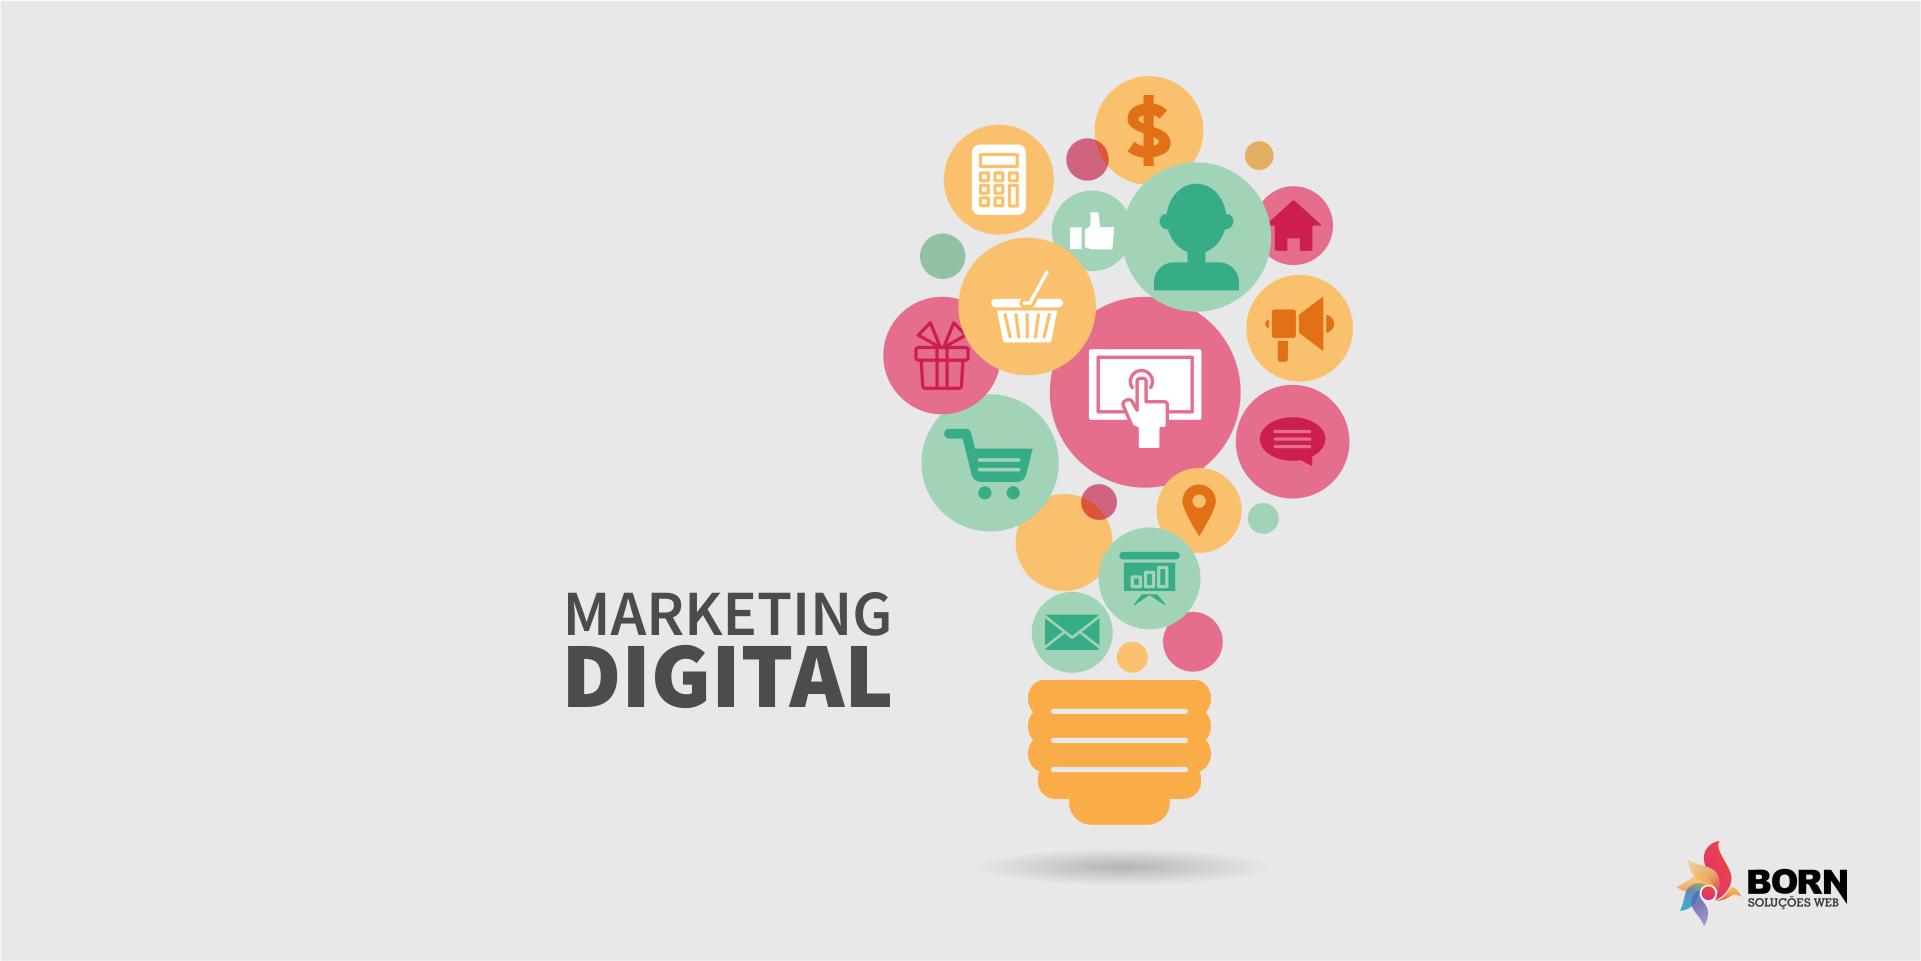 Consultoria em Marketing Digital   Born Soluções Web - Sites, Lojas Virtuais (e-Commerce), SEO, Marca, Identidade Visual, Logomarca, Logpotipo, Mídias Sociais, Anúncios Google Ads, Anúncios Facebook, Anúncios Instagram